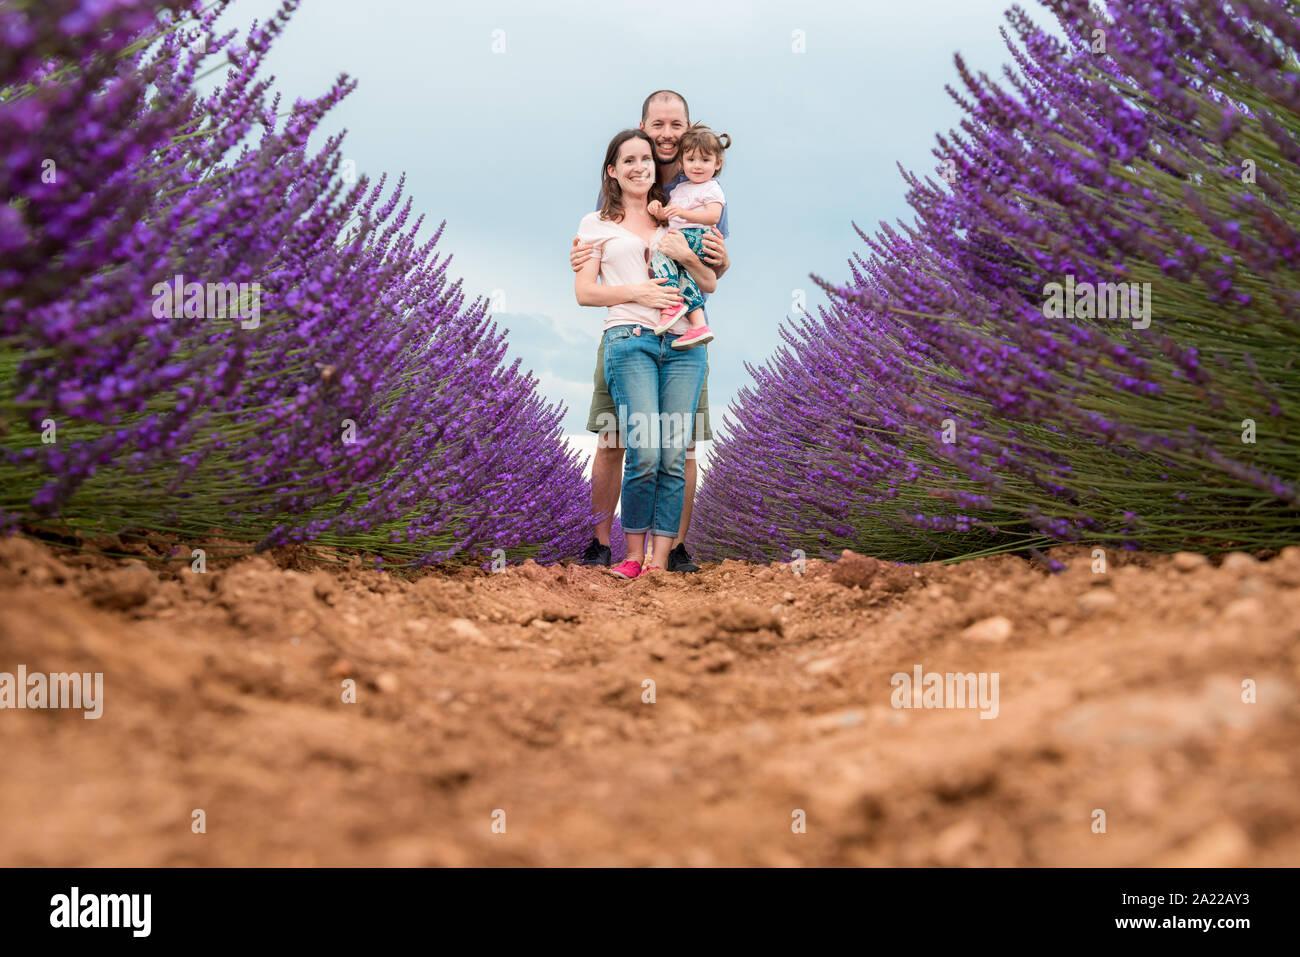 Familia Feliz caminando entre campos de lavanda en el verano Foto de stock